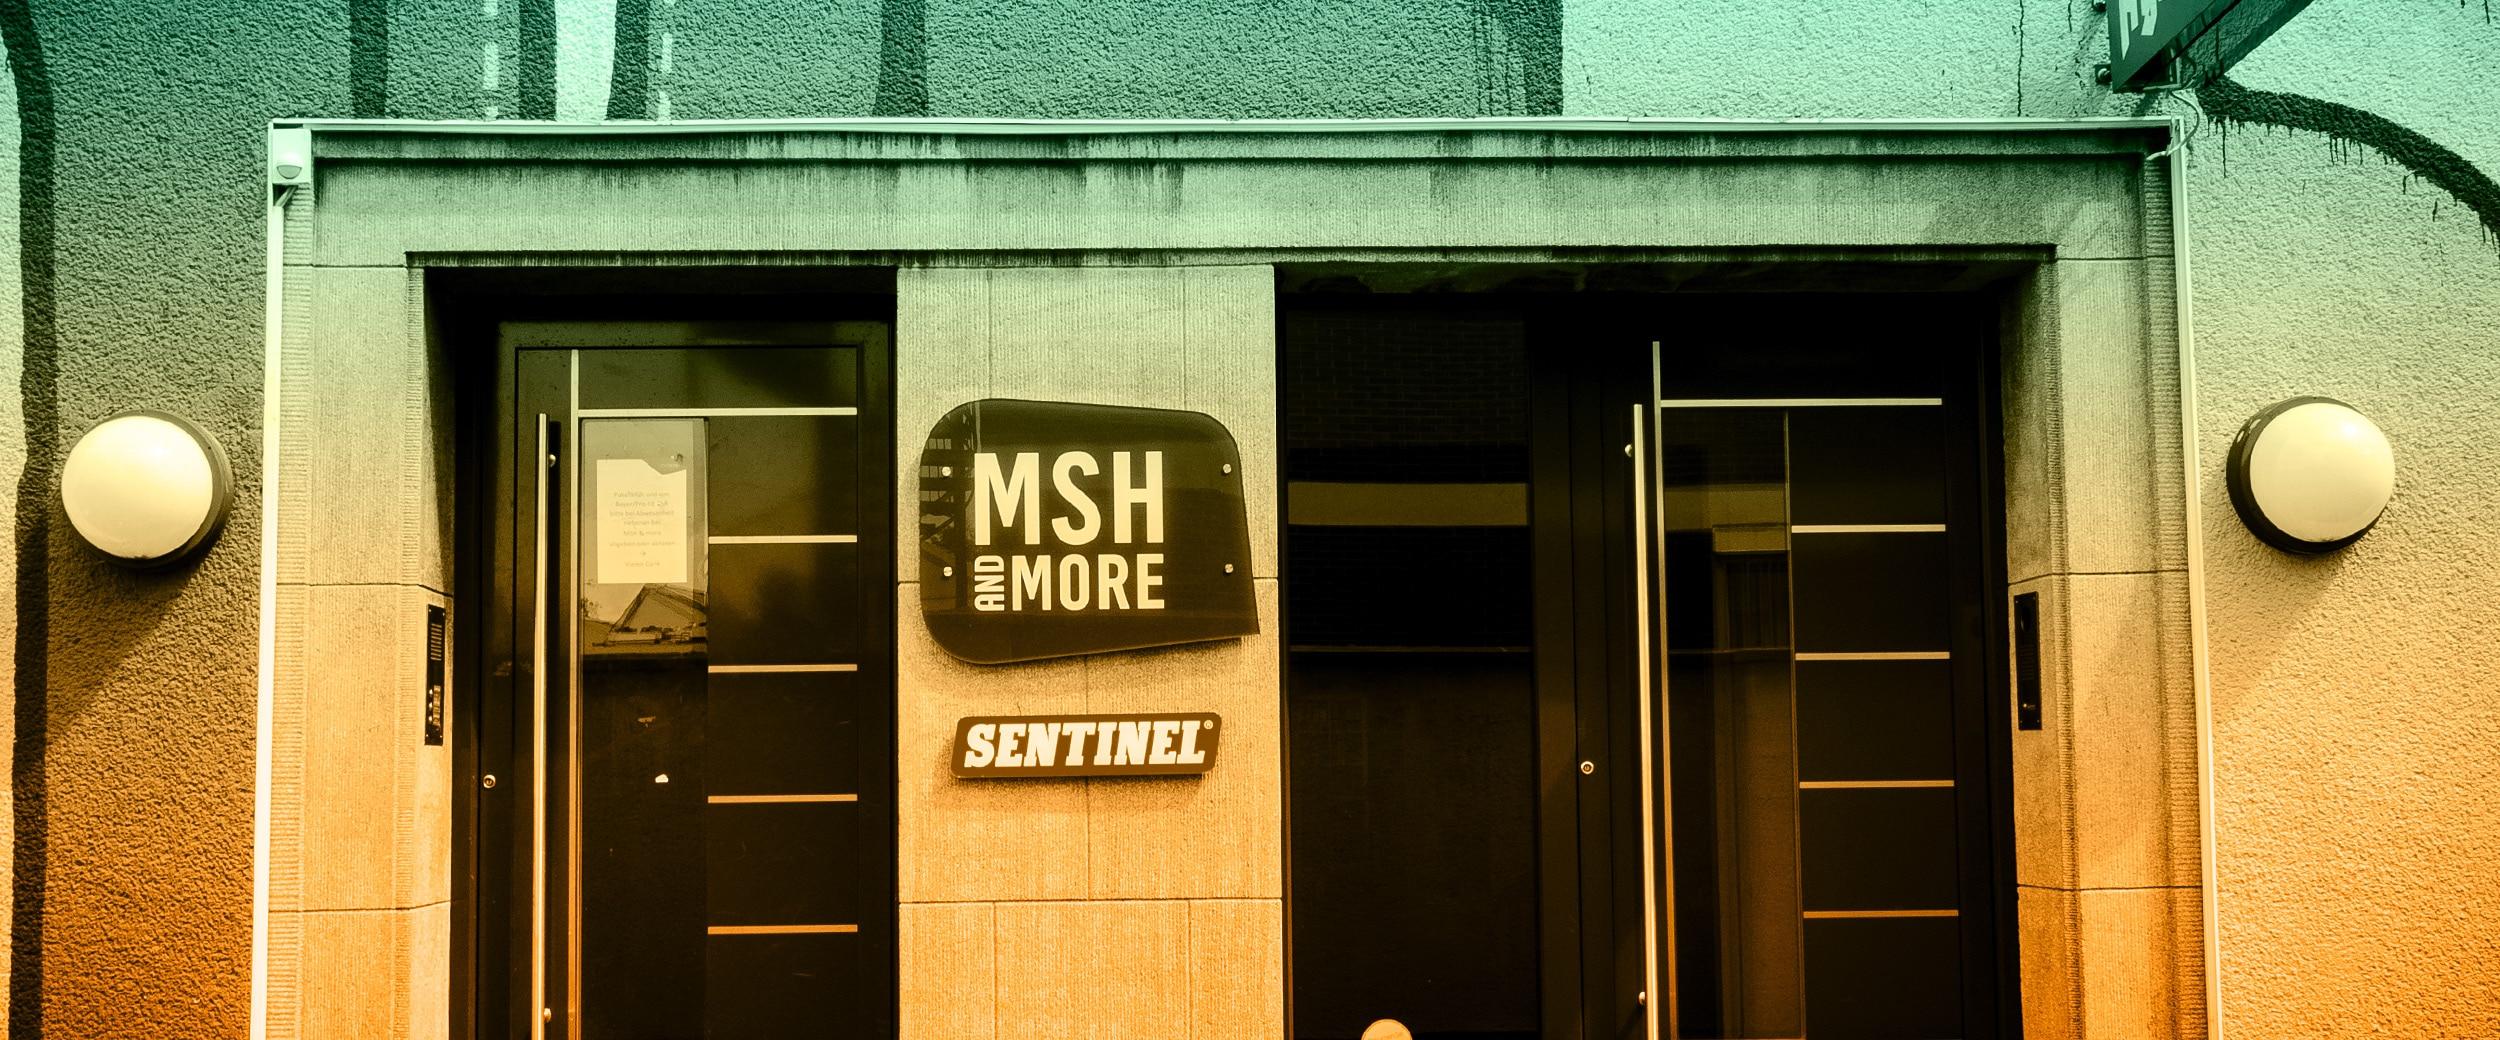 Bild des MSH-Eingangs am Standort Köln-Ehrenfeld.